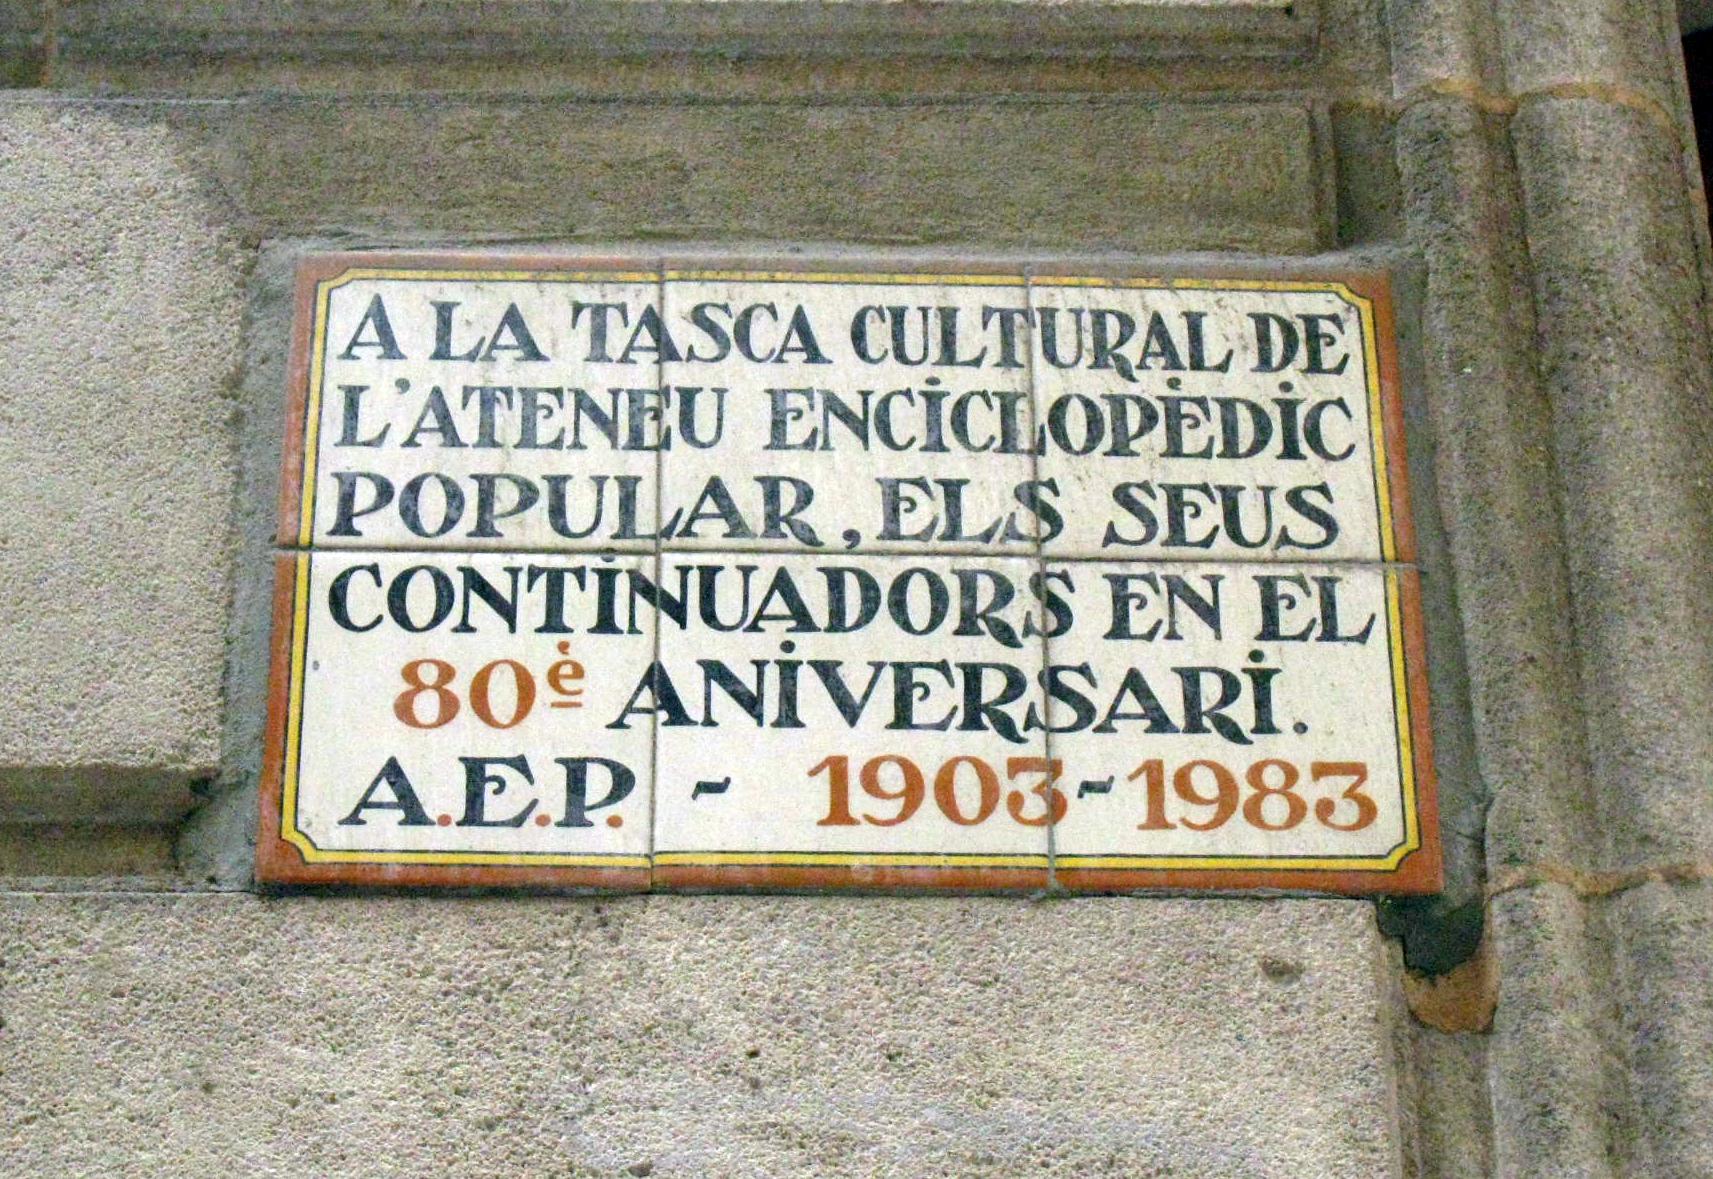 Ateneu Enciclopèdic Popular - Viquipèdia, l'enciclopèdia lliure